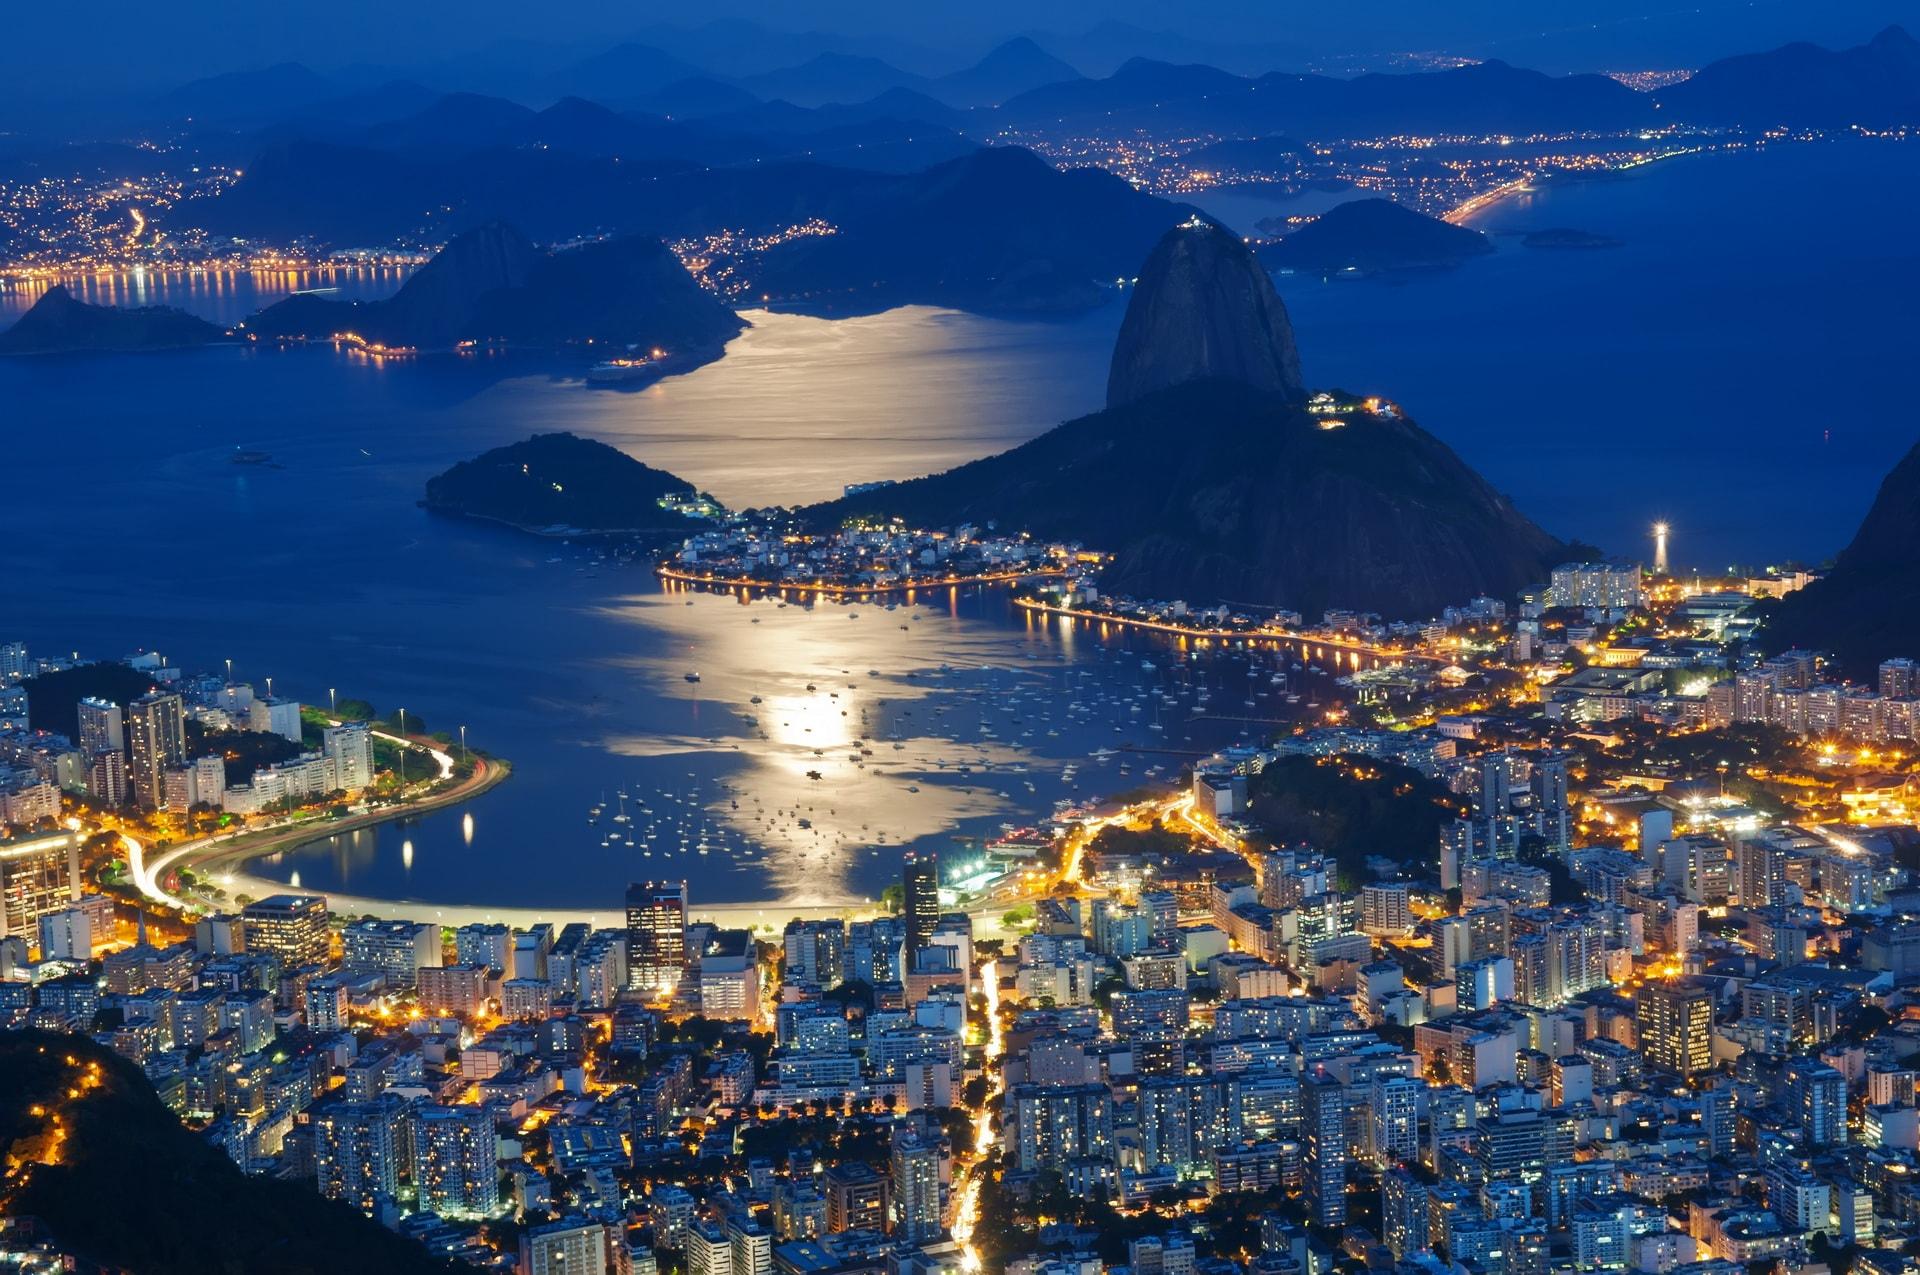 Rio De Janeiro widescreen wallpapers